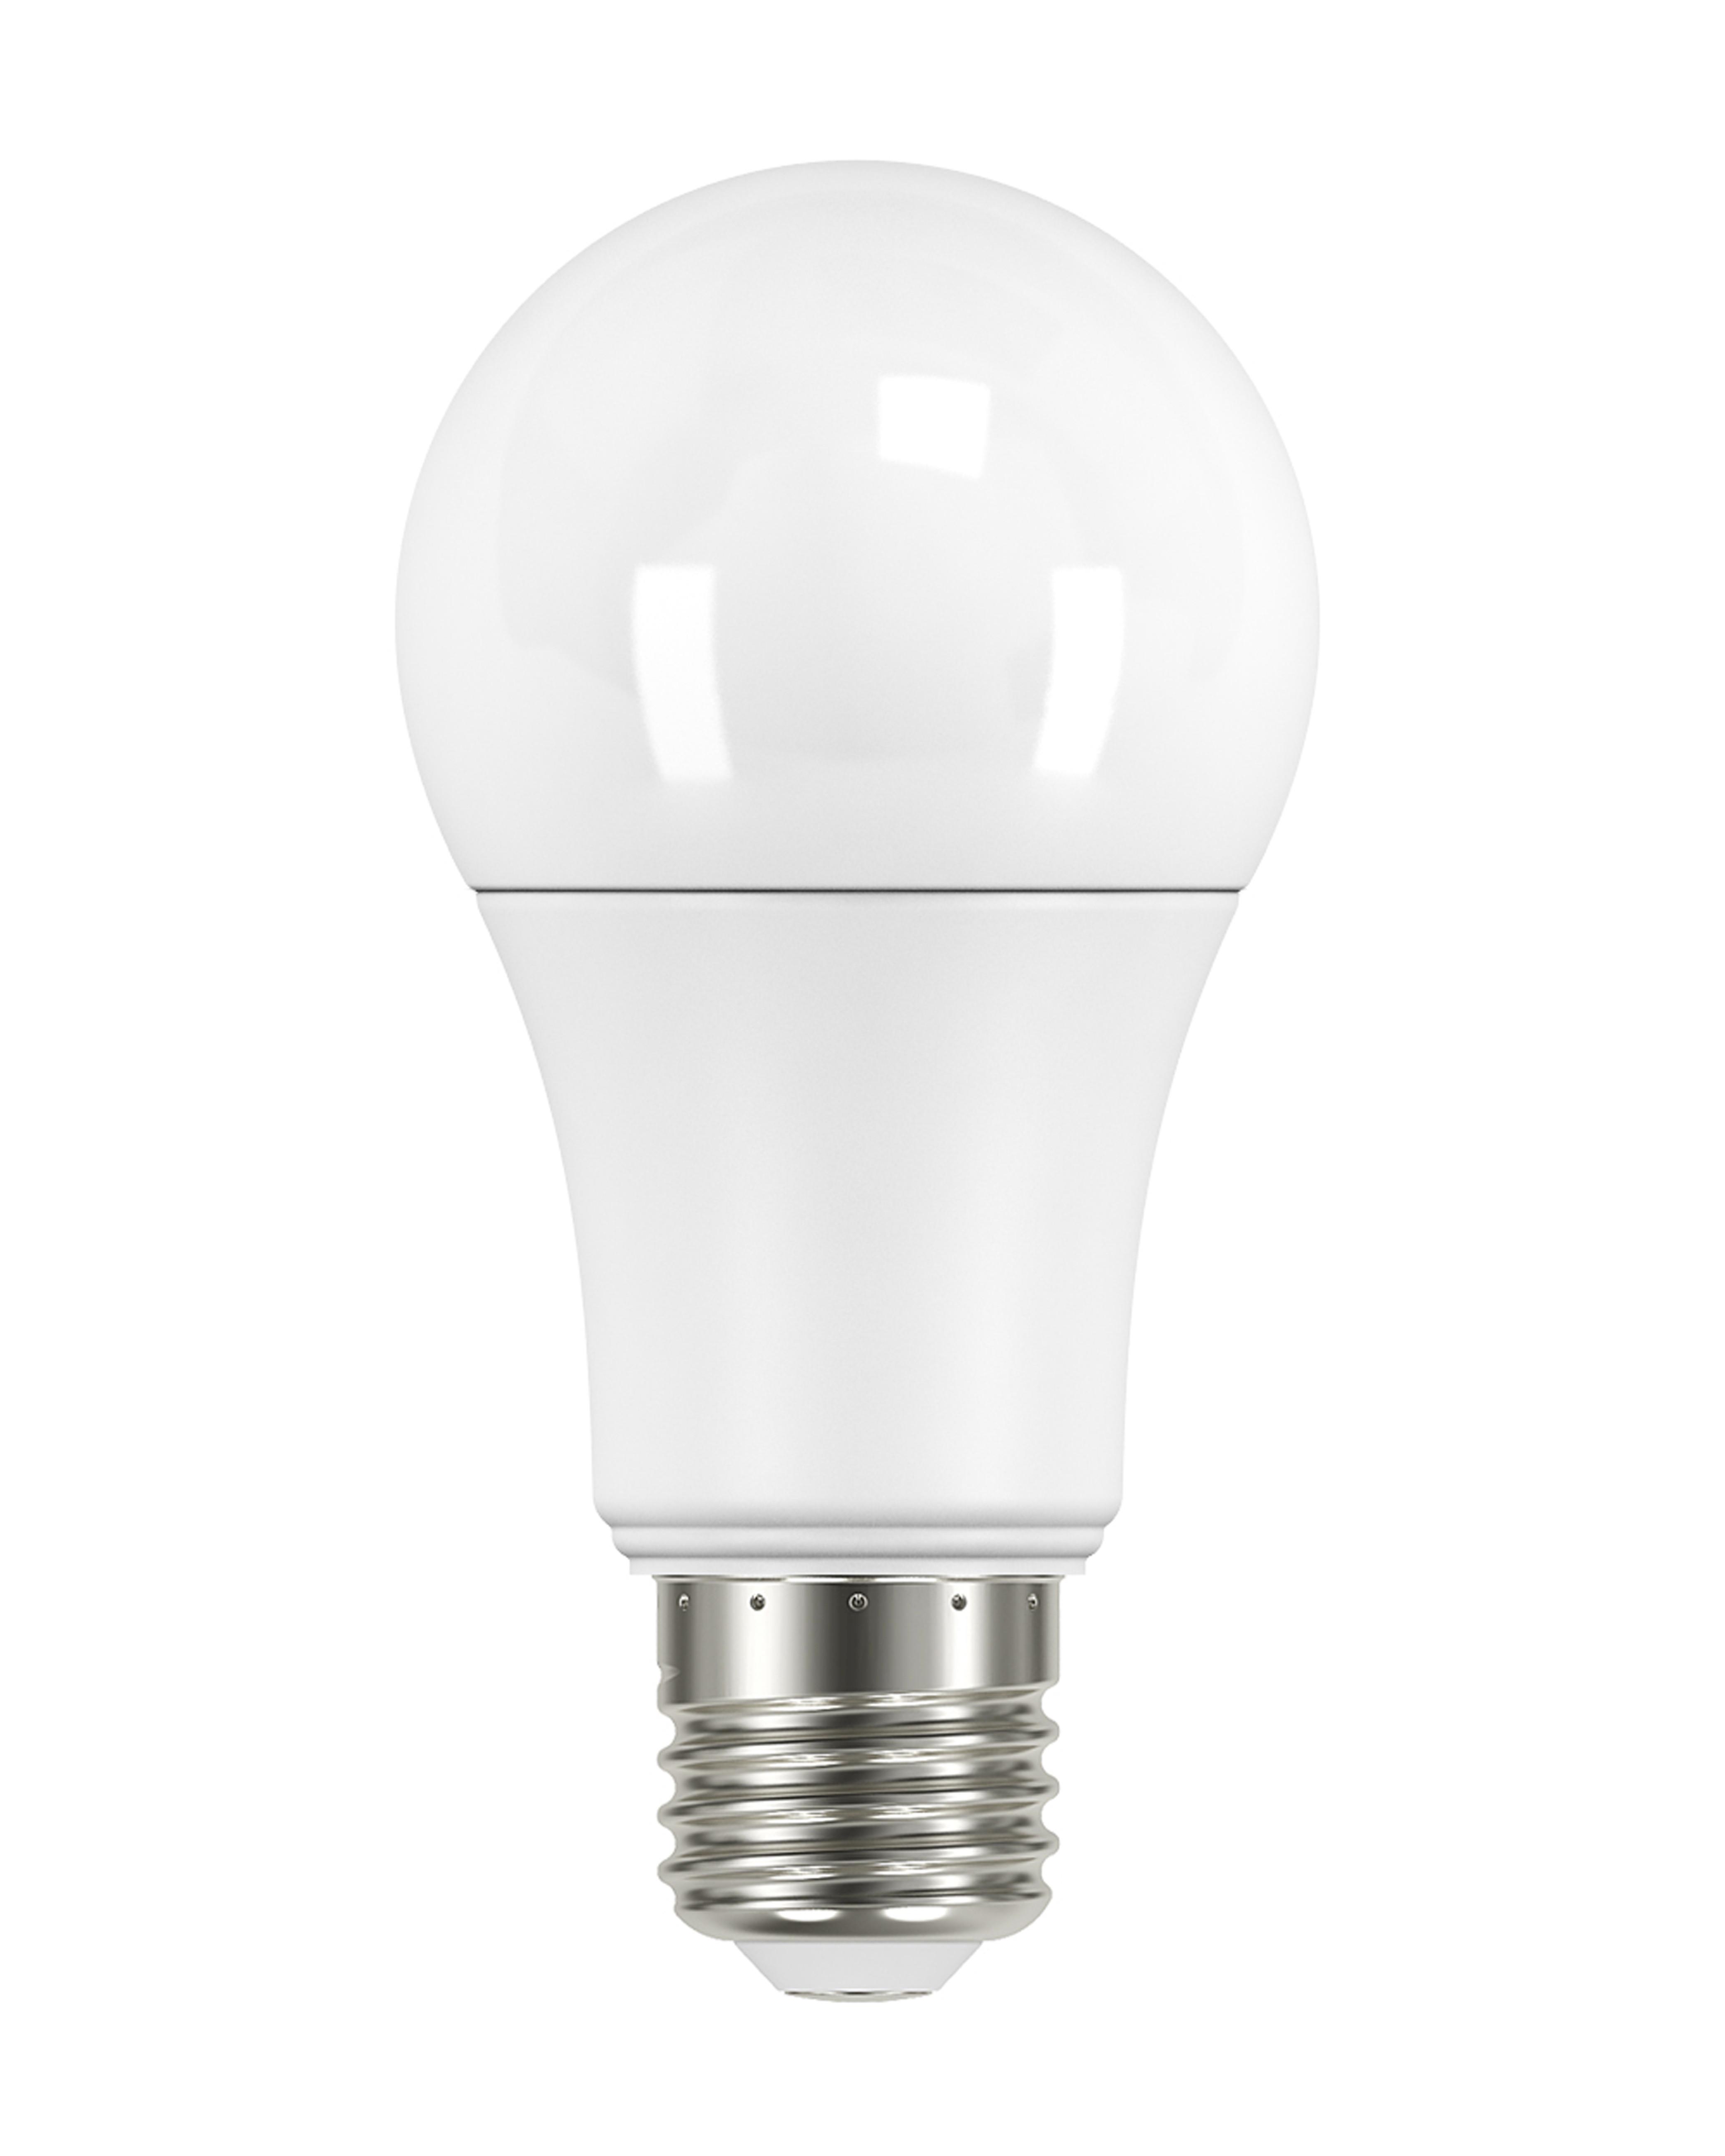 Купить Лампа светодиодная Osram LEDSCLA100 10, 5W/840230VFRE2710X1RU нейтральный-белый, Osram Ledvance